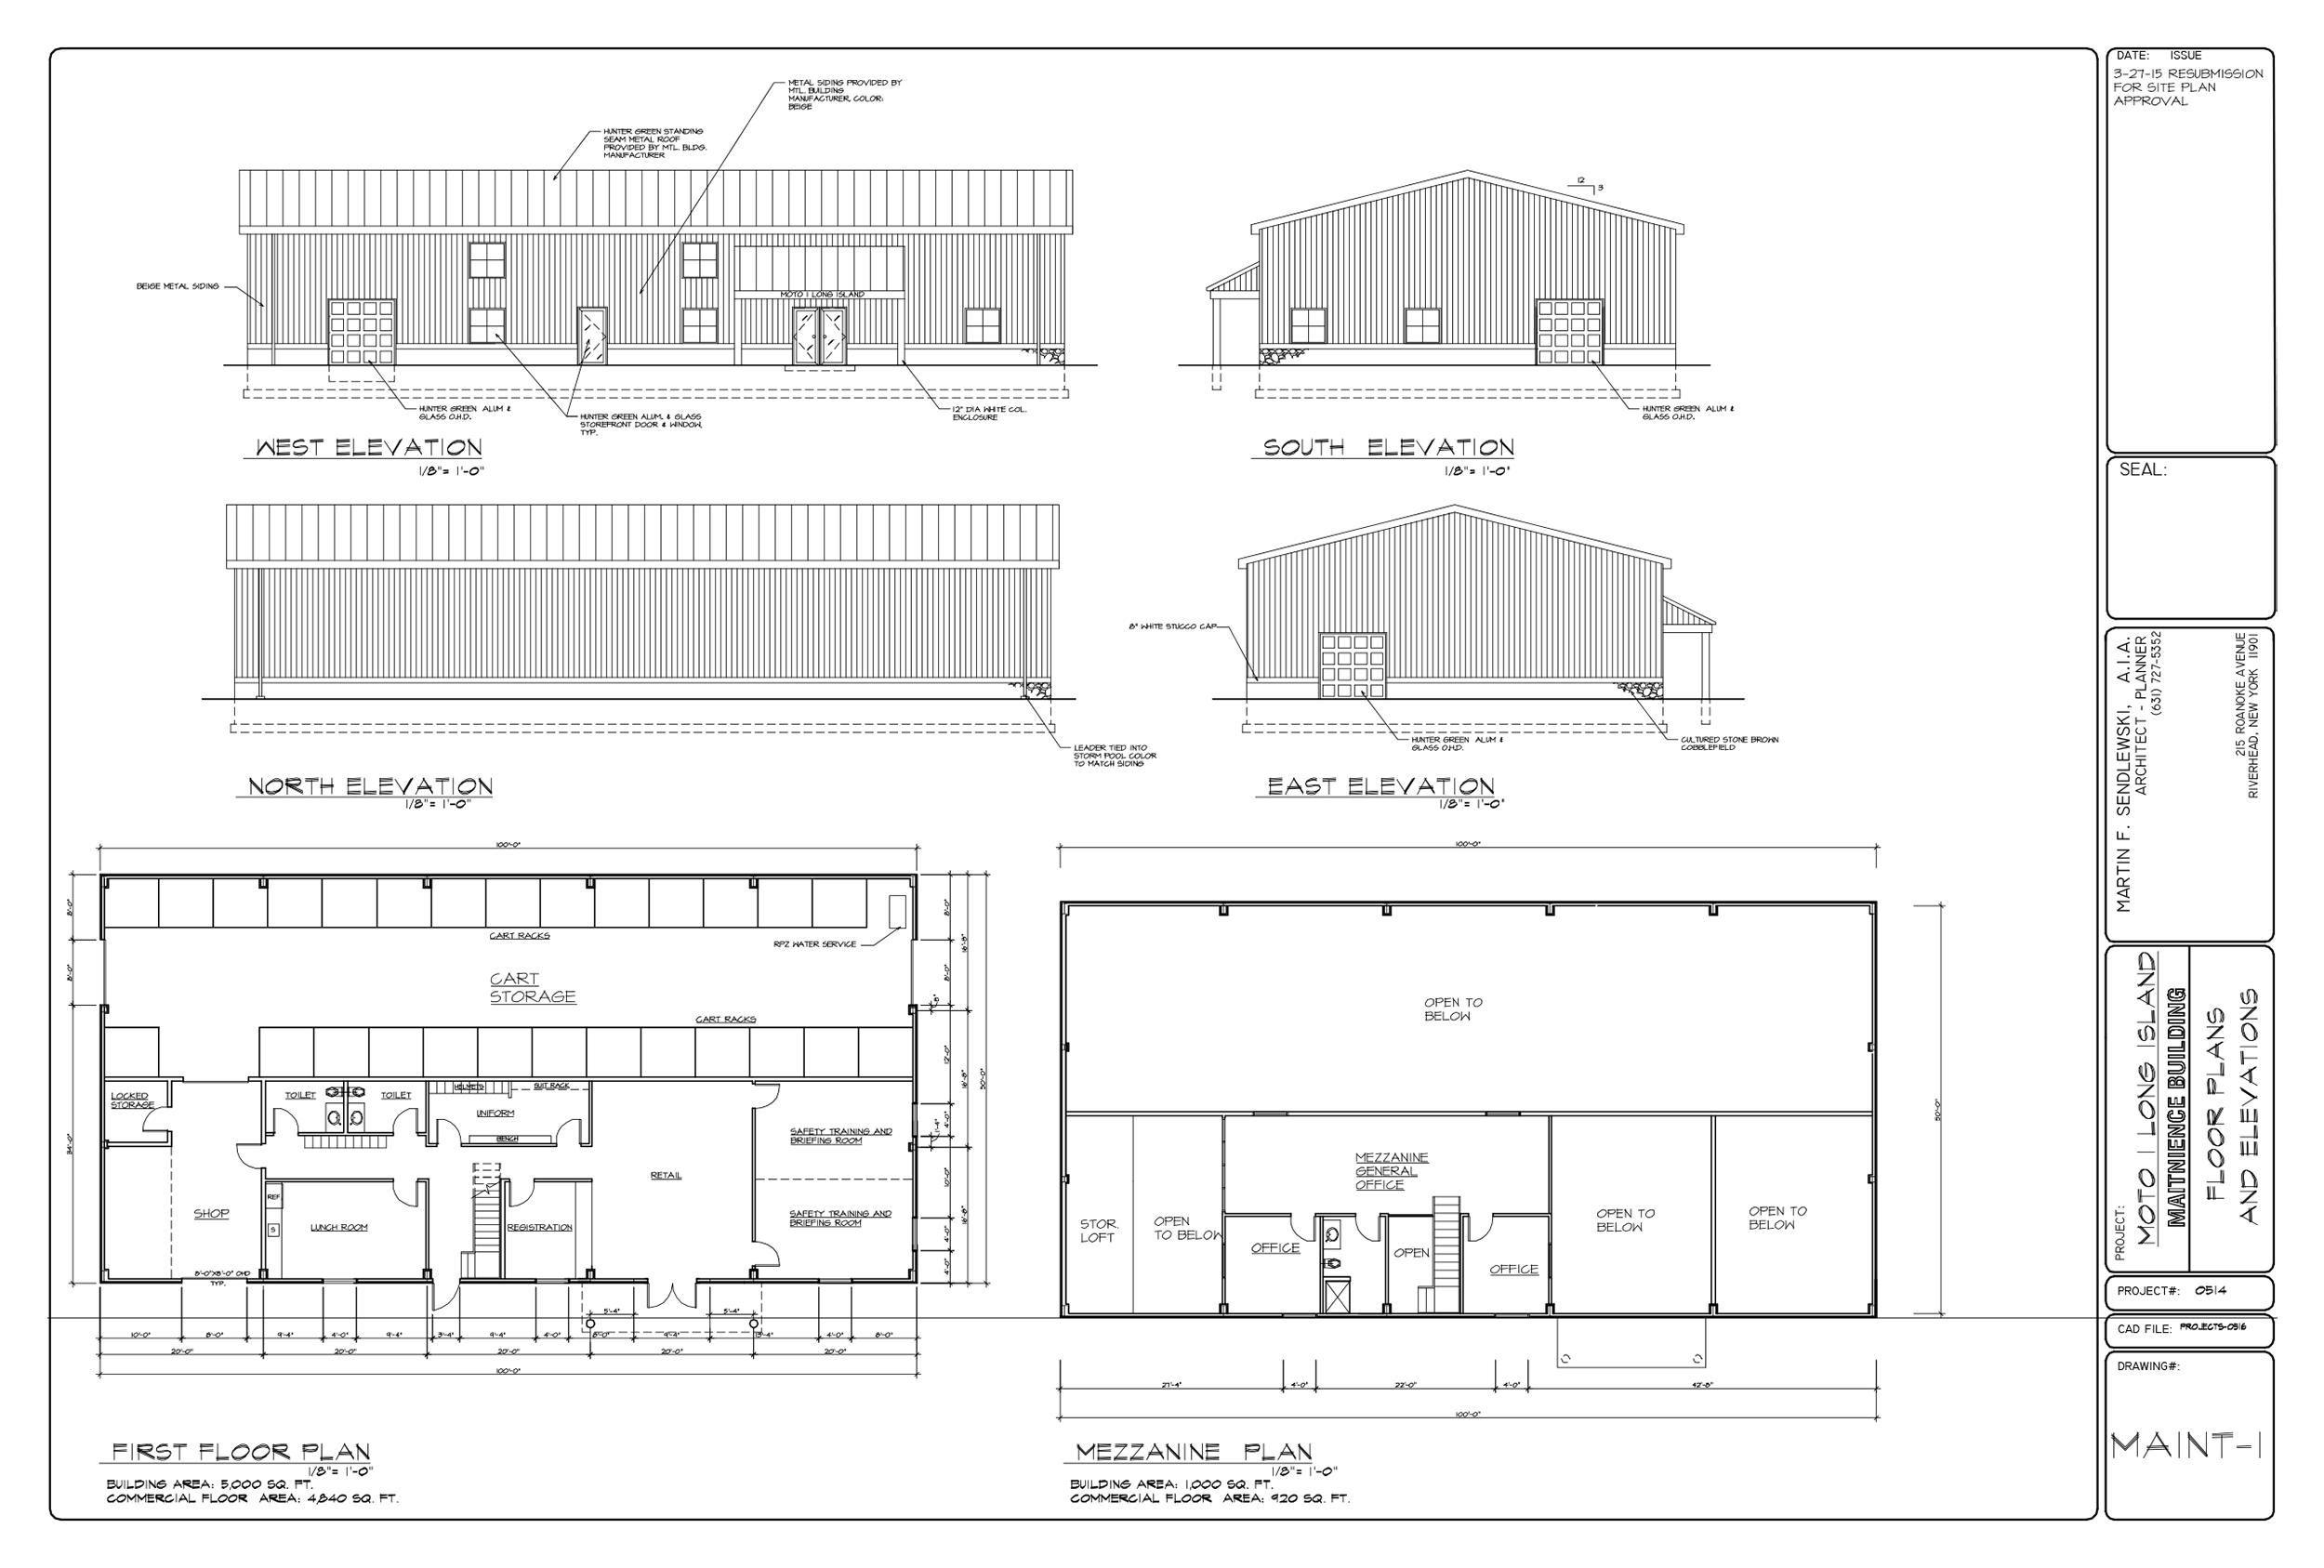 100 elevation floor plan best 25 bungalow floor plans ideas elevation floor plan site plans m1 long island ny